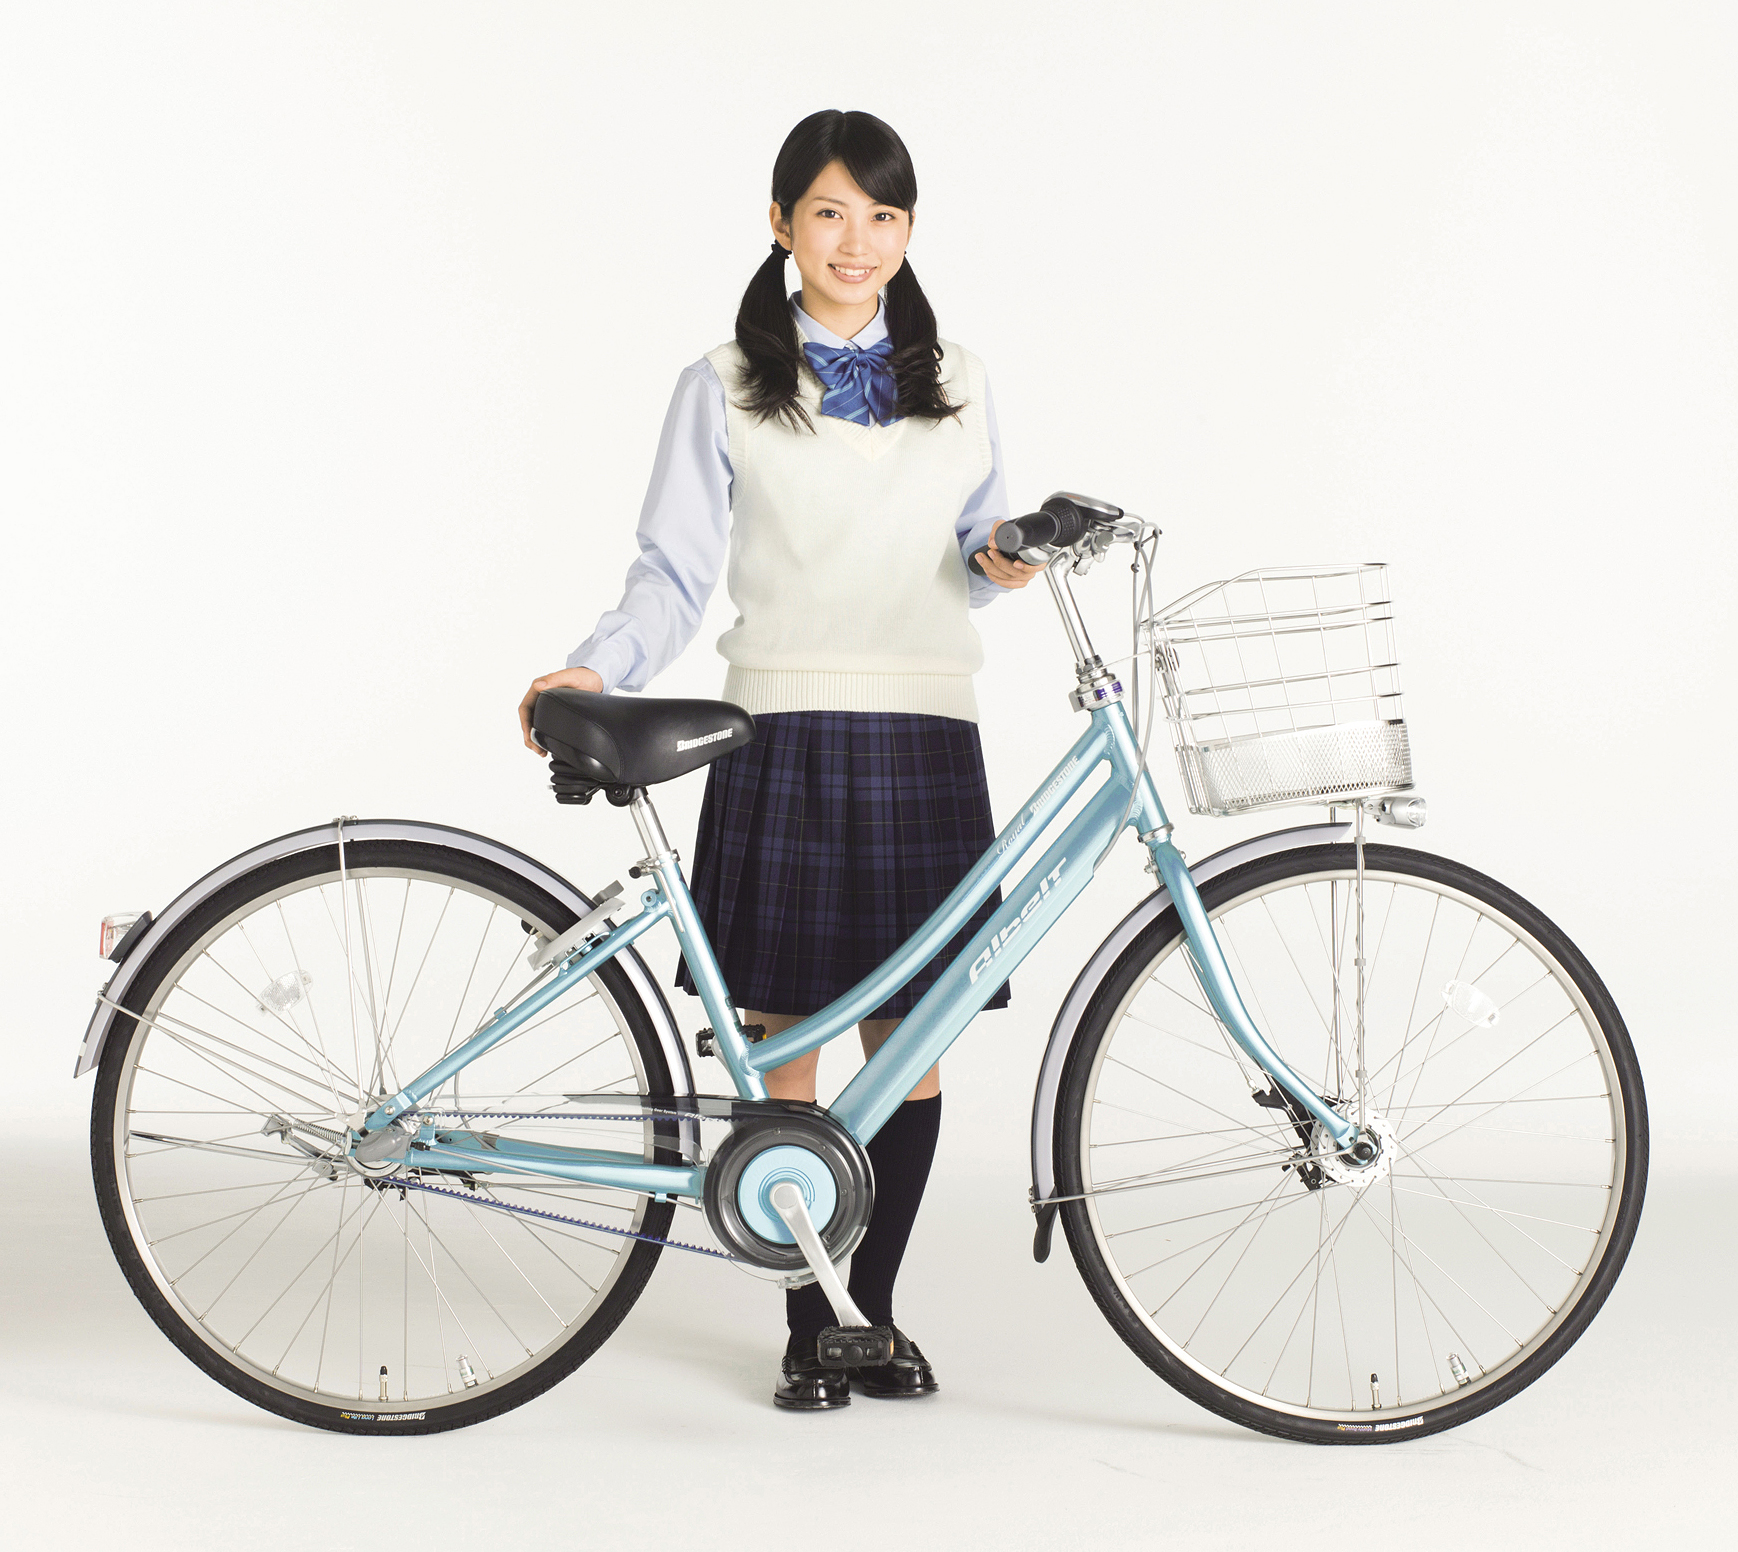 適性をアップした通学用自転車 ... : 通学自転車 : 自転車の